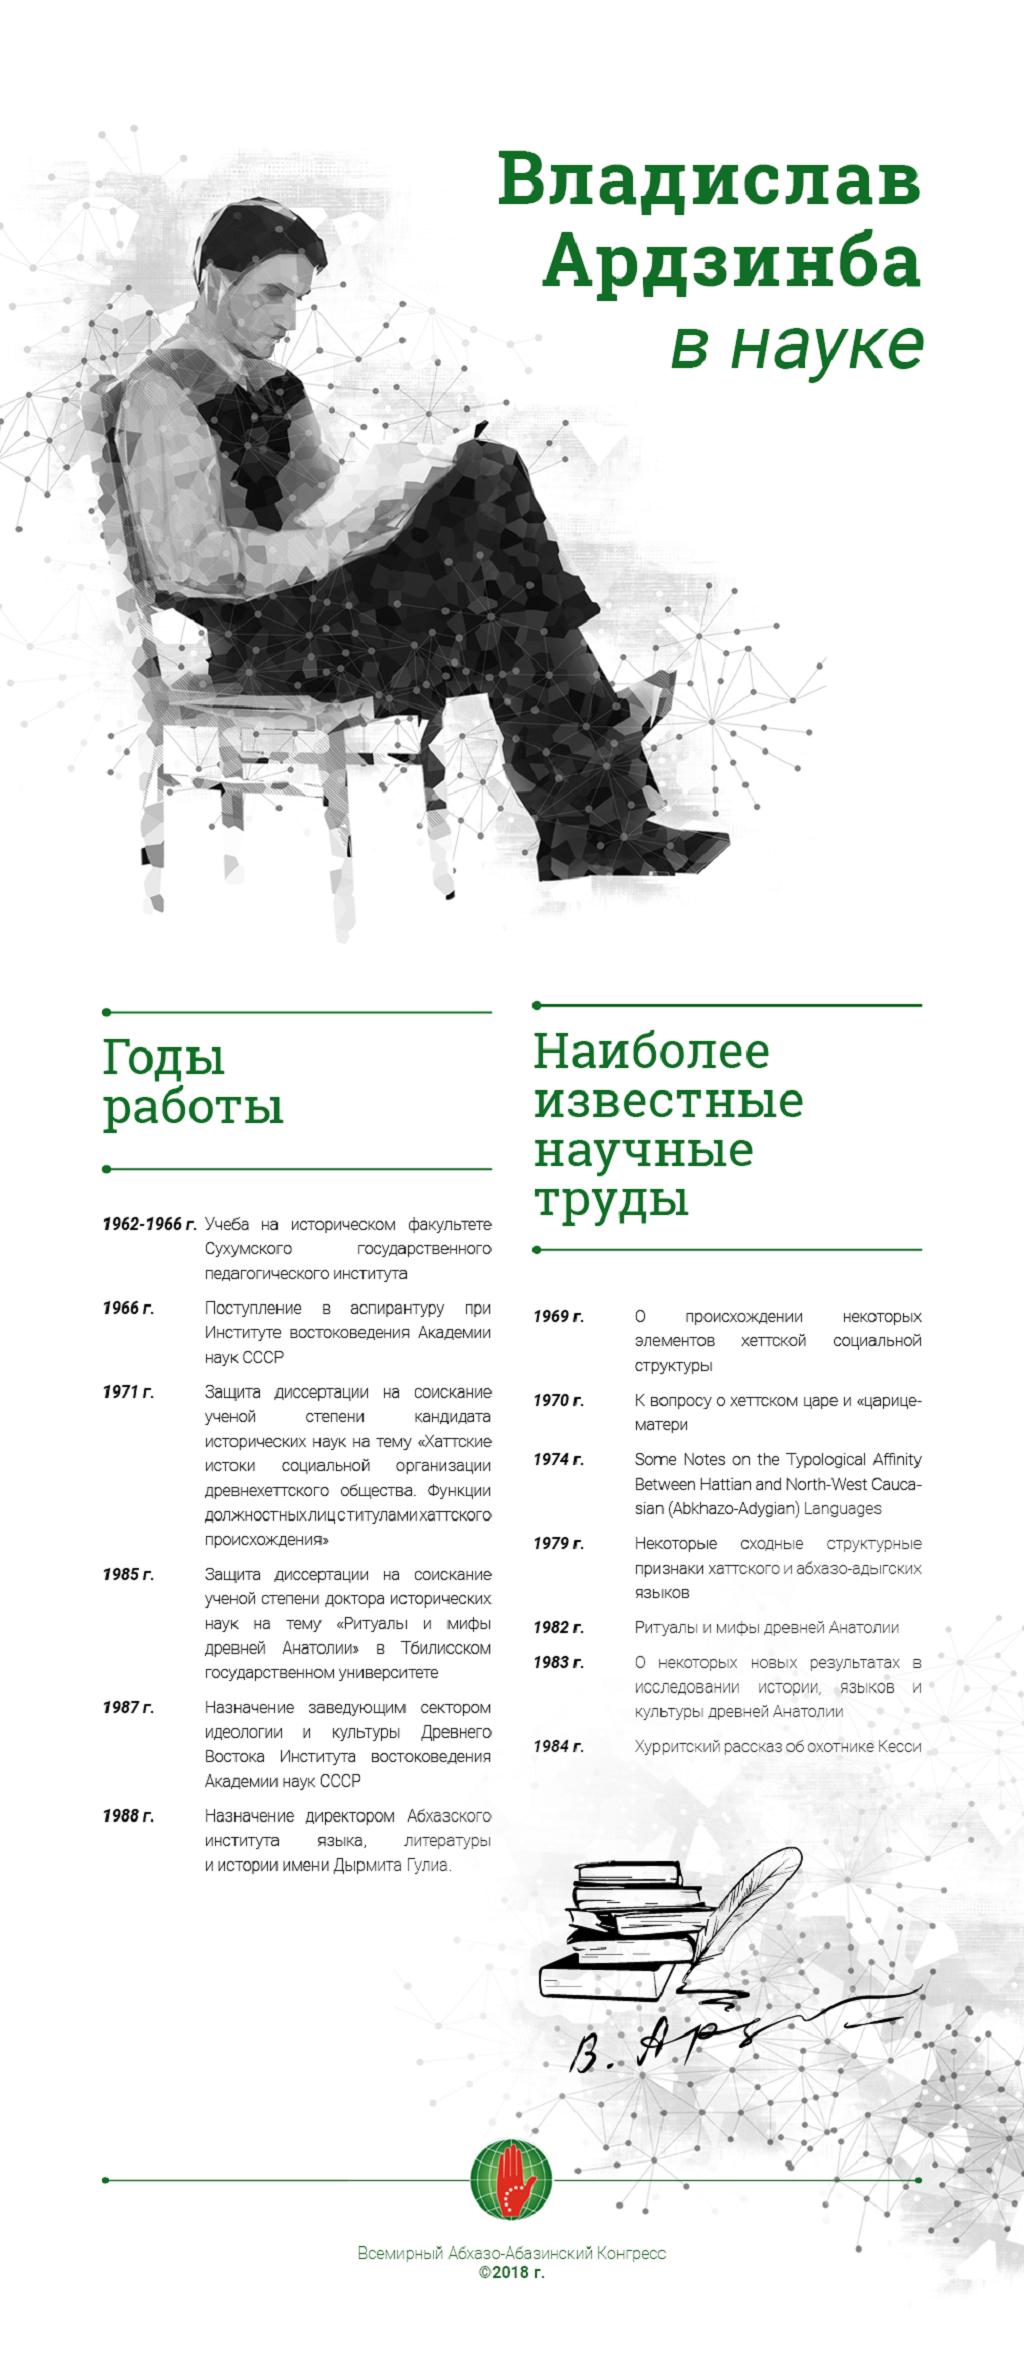 Владислав Ардзинба в науке